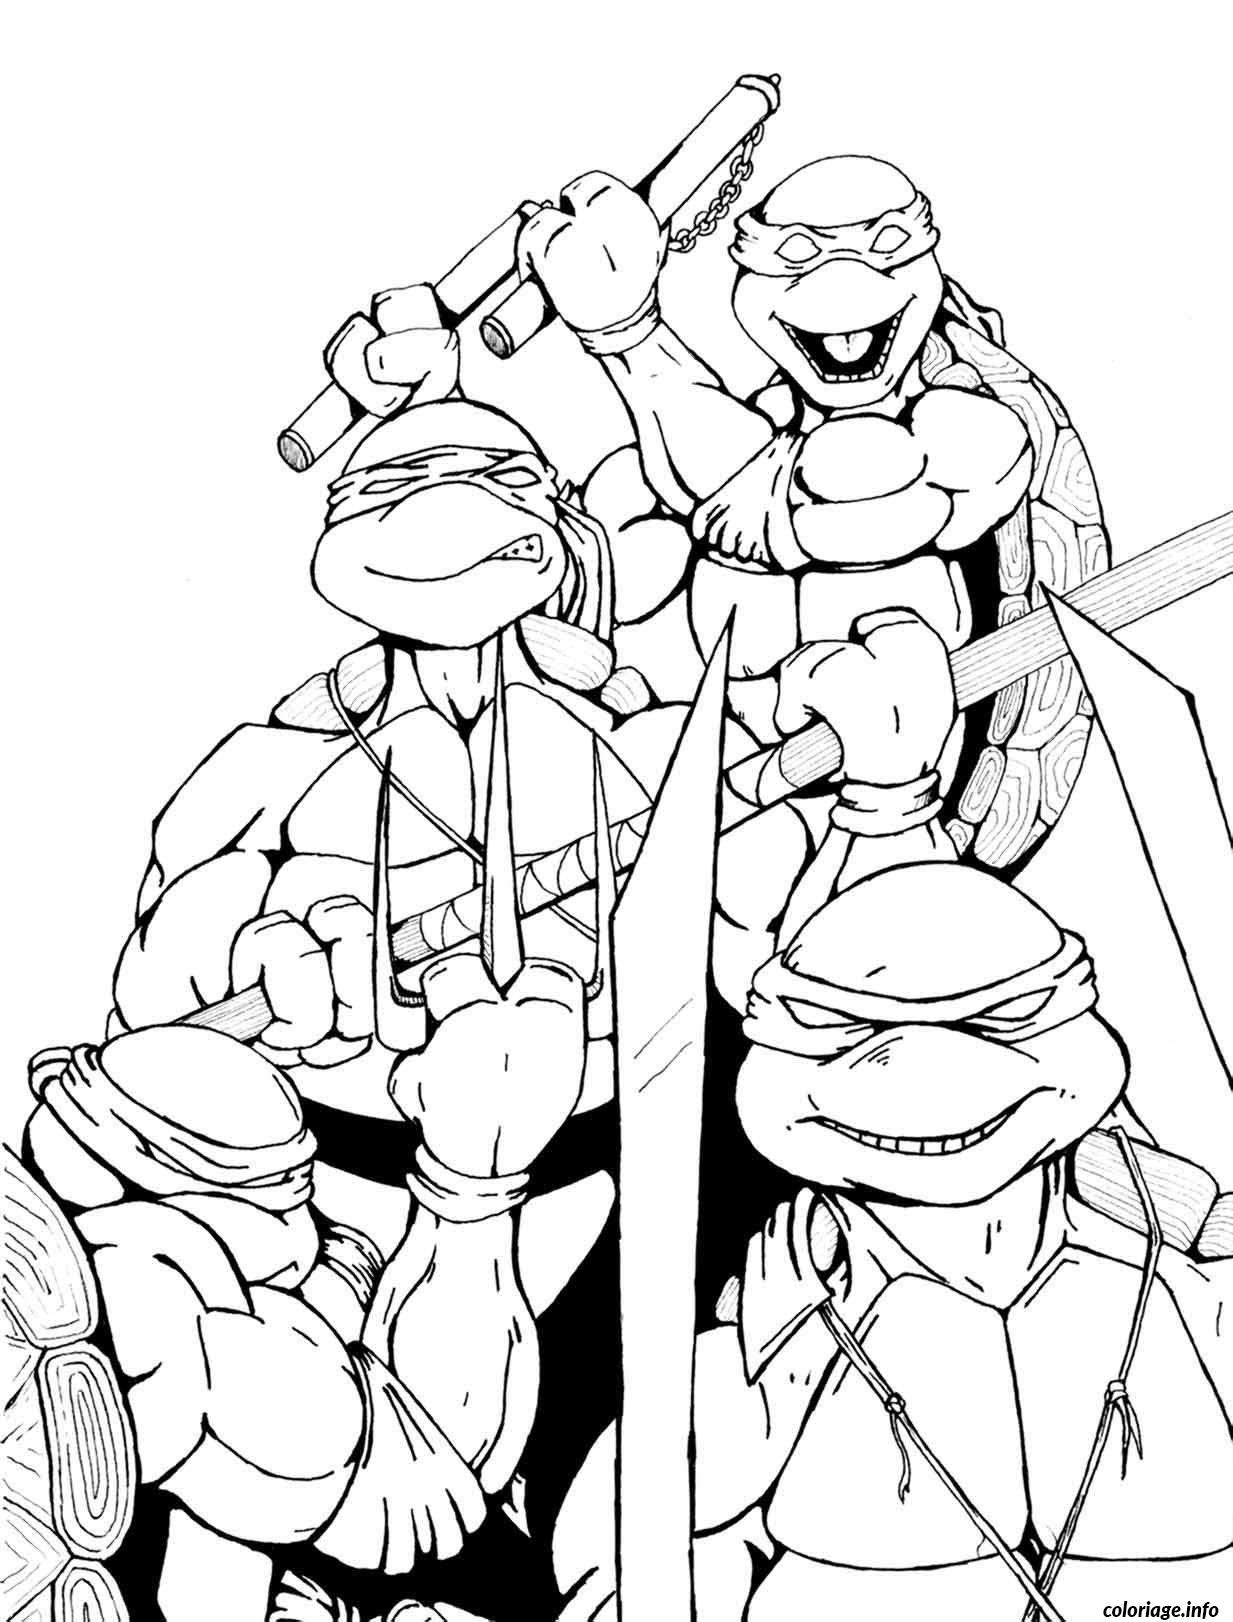 Coloriage tortue ninja 186 - JeColorie.com